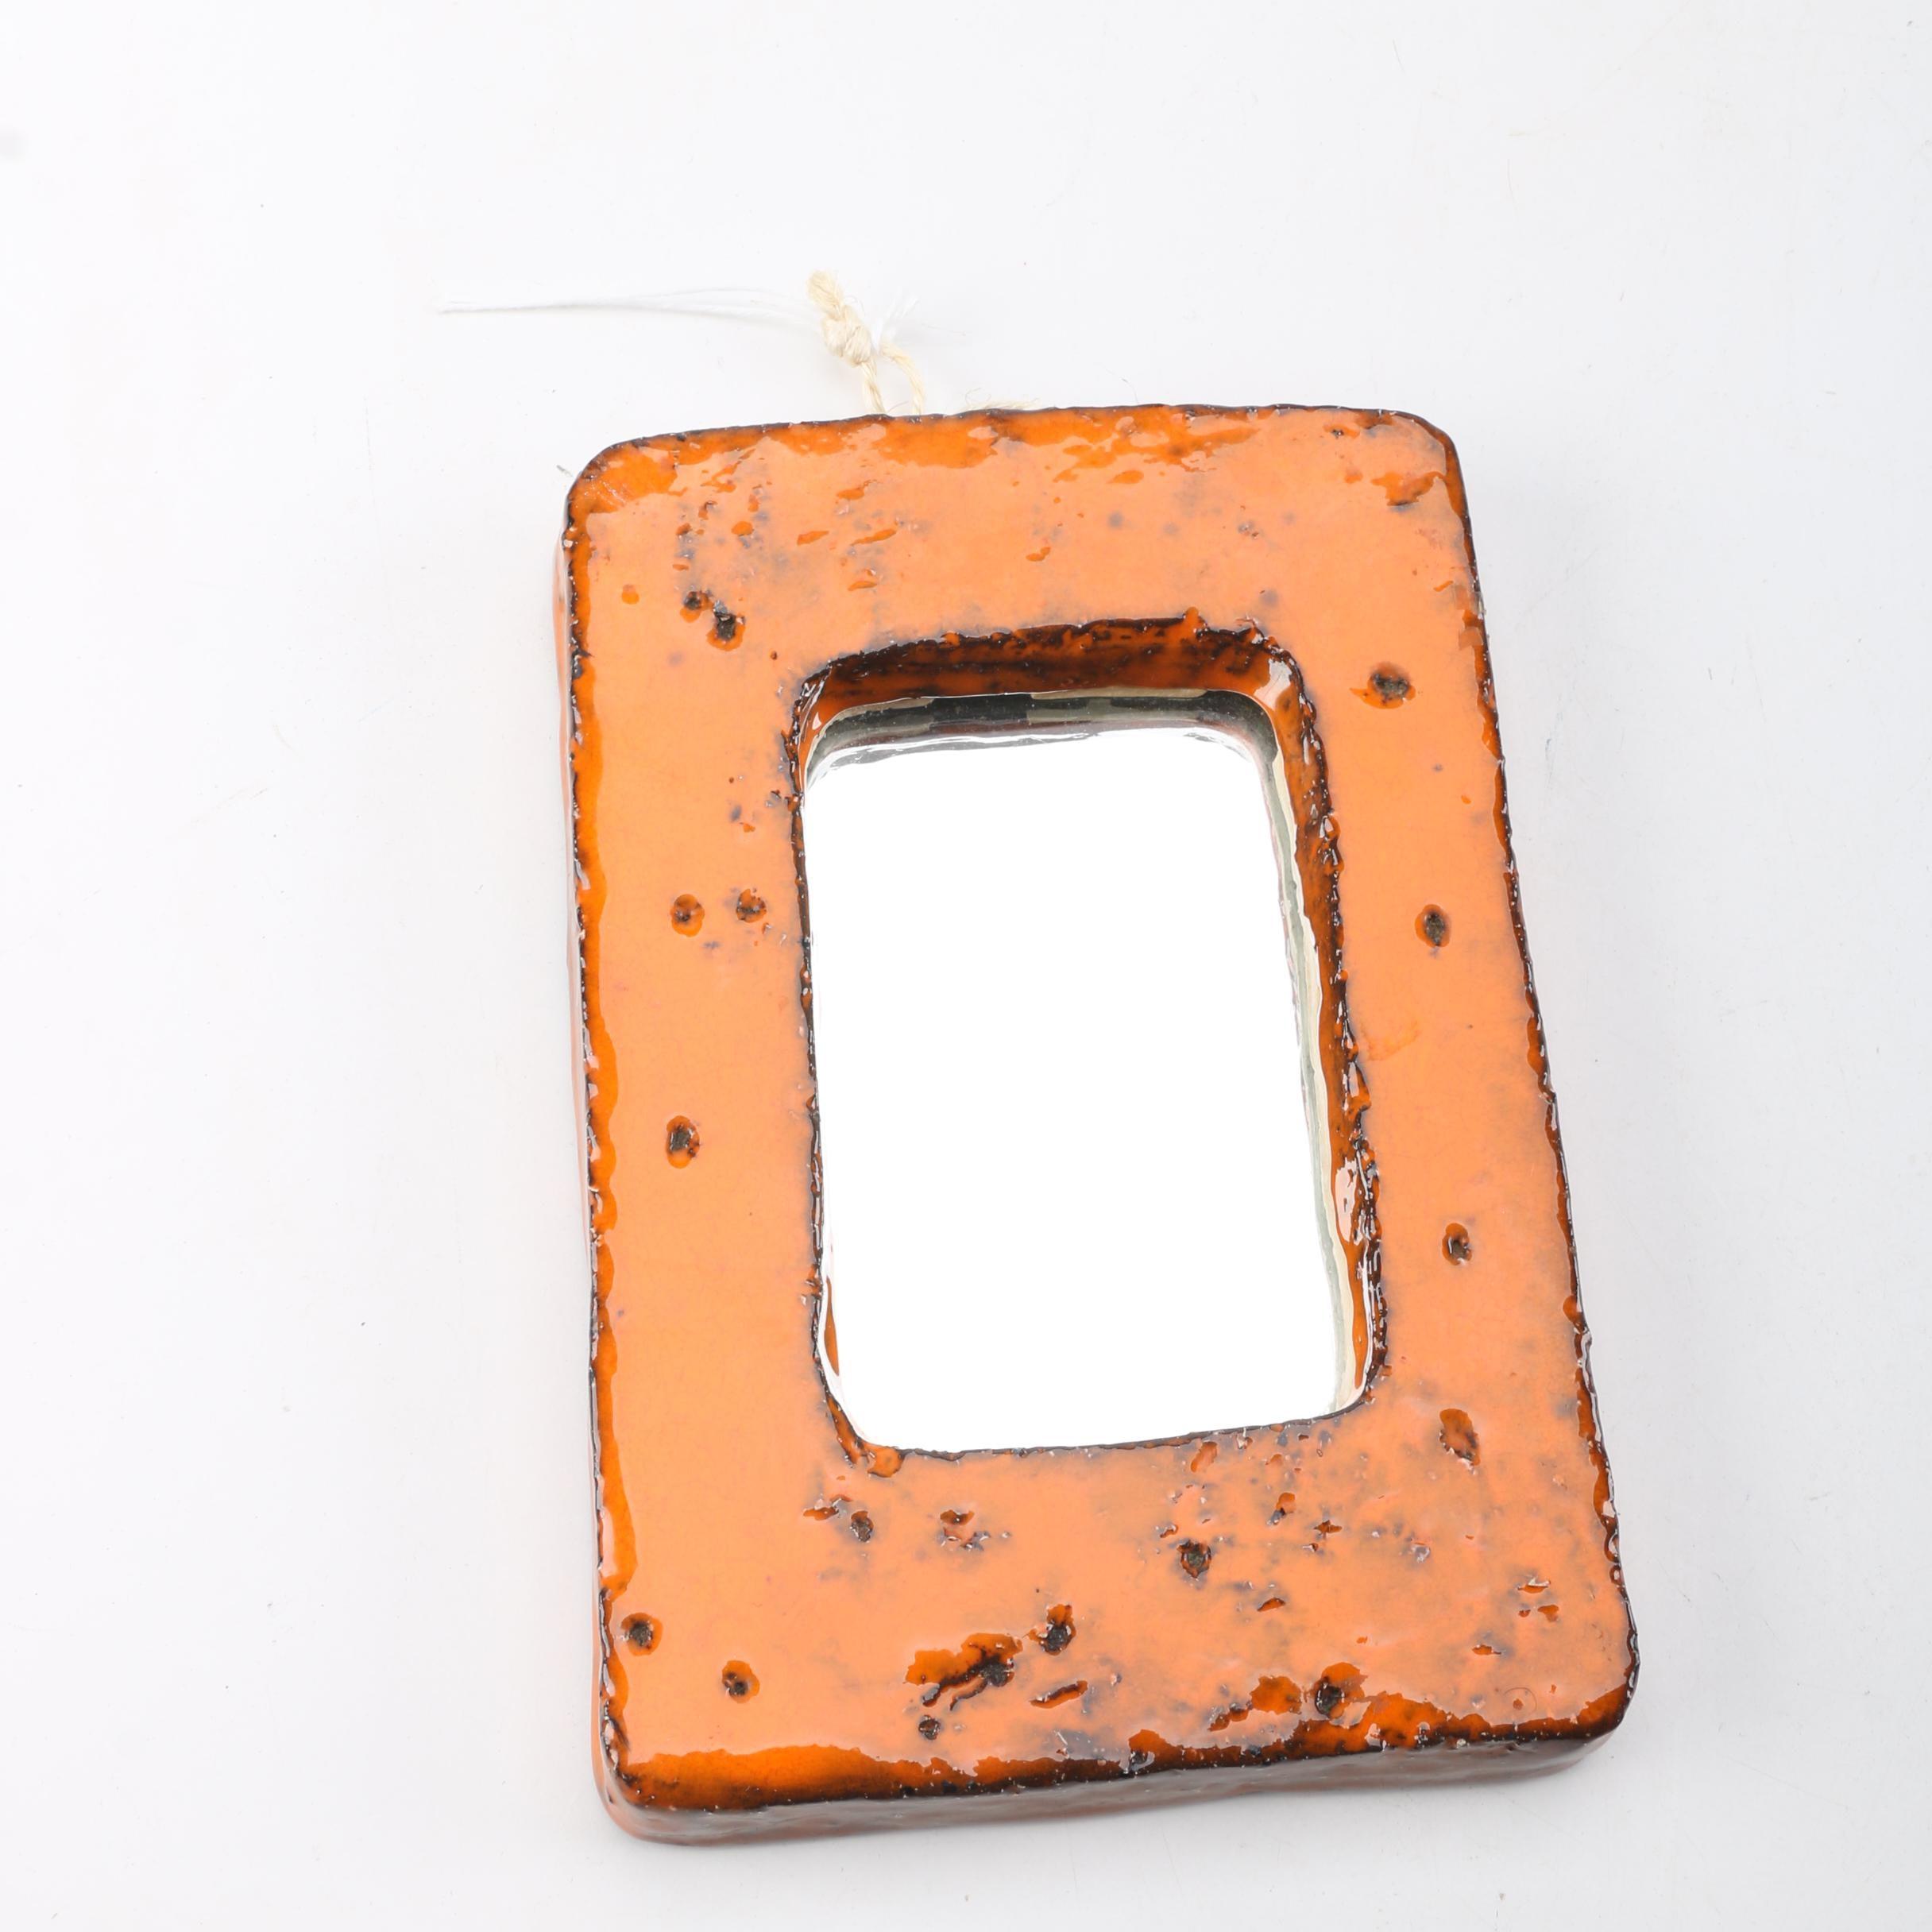 Signed Handbuilt Stoneware Framed Mirror